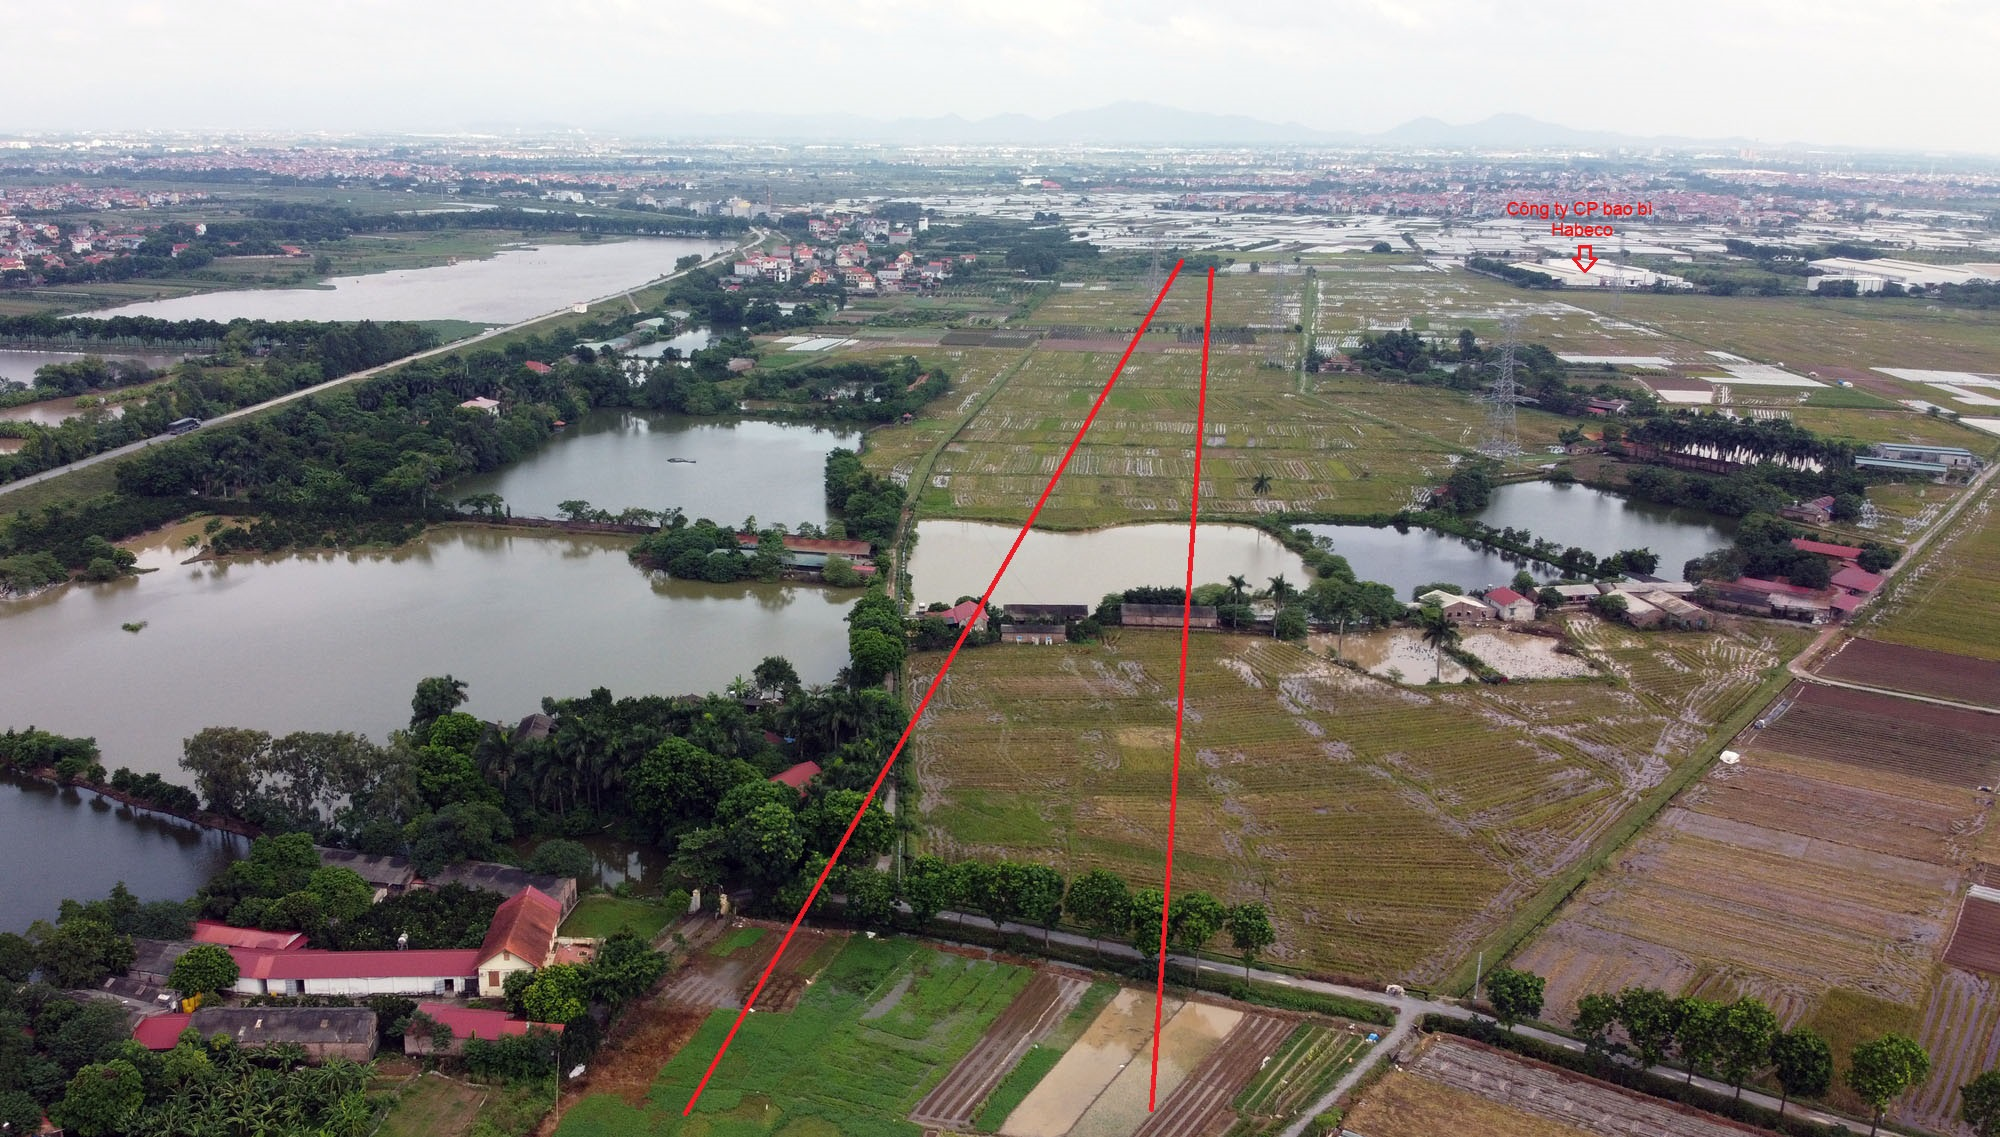 Ba đường sẽ mở theo qui hoạch ở xã Đại Mạch, Đông Anh, Hà Nội - Ảnh 14.